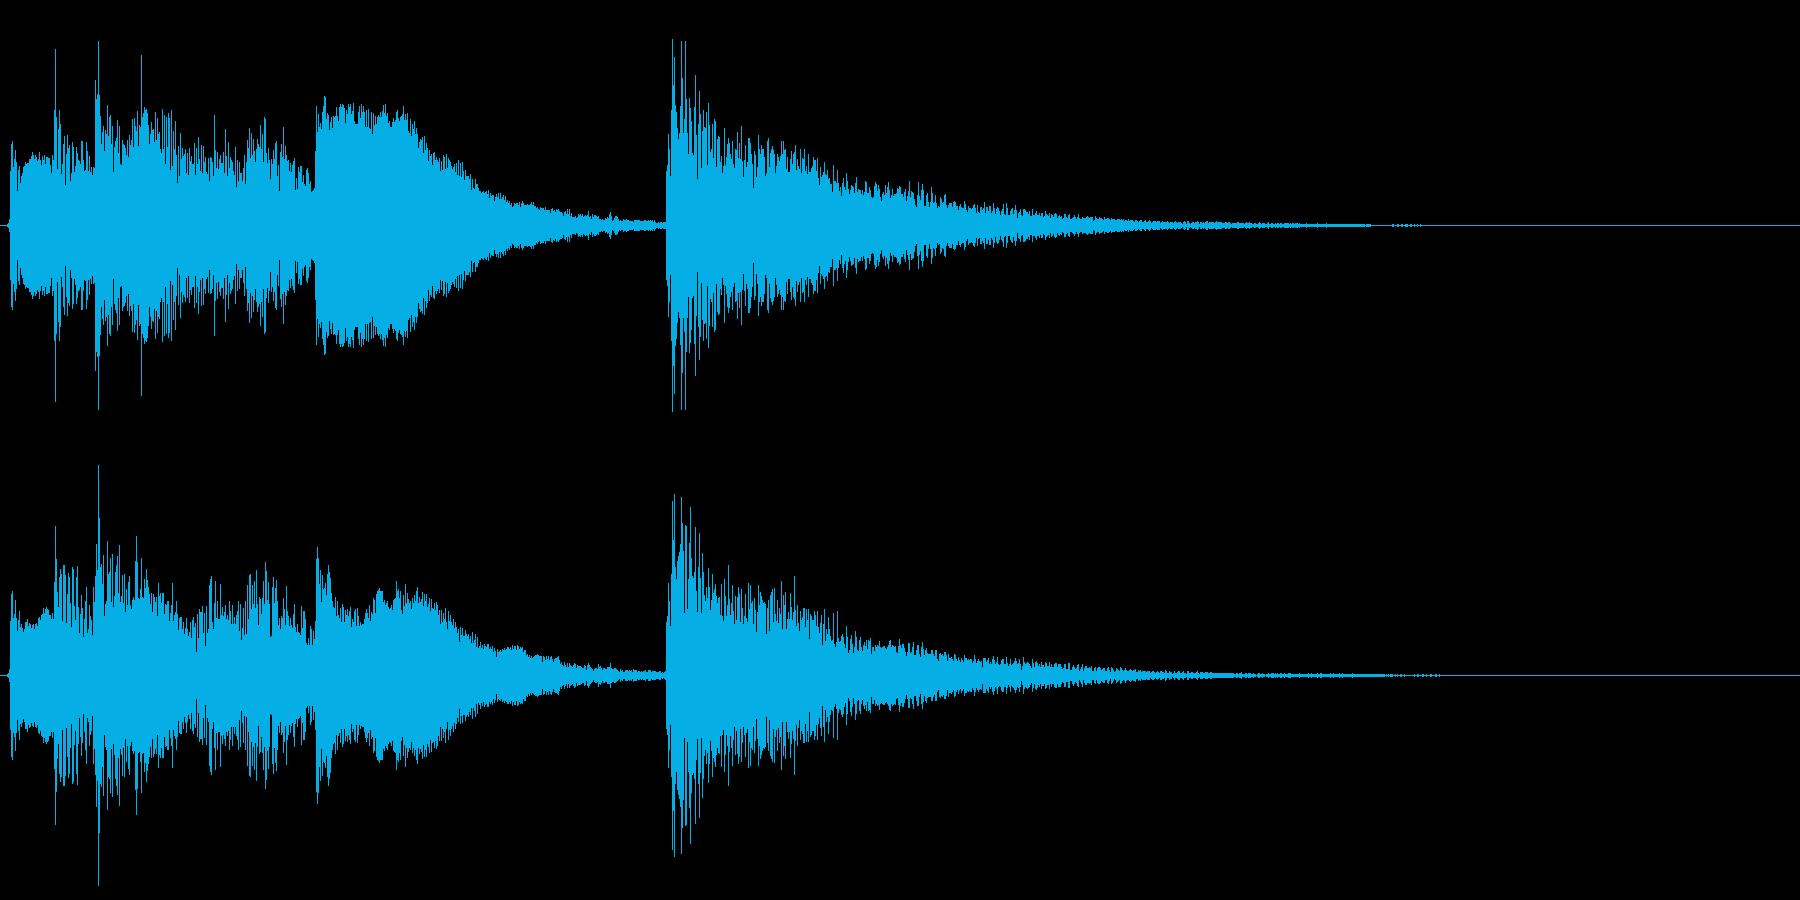 生音ギターのジングル/サウンドロゴ2の再生済みの波形